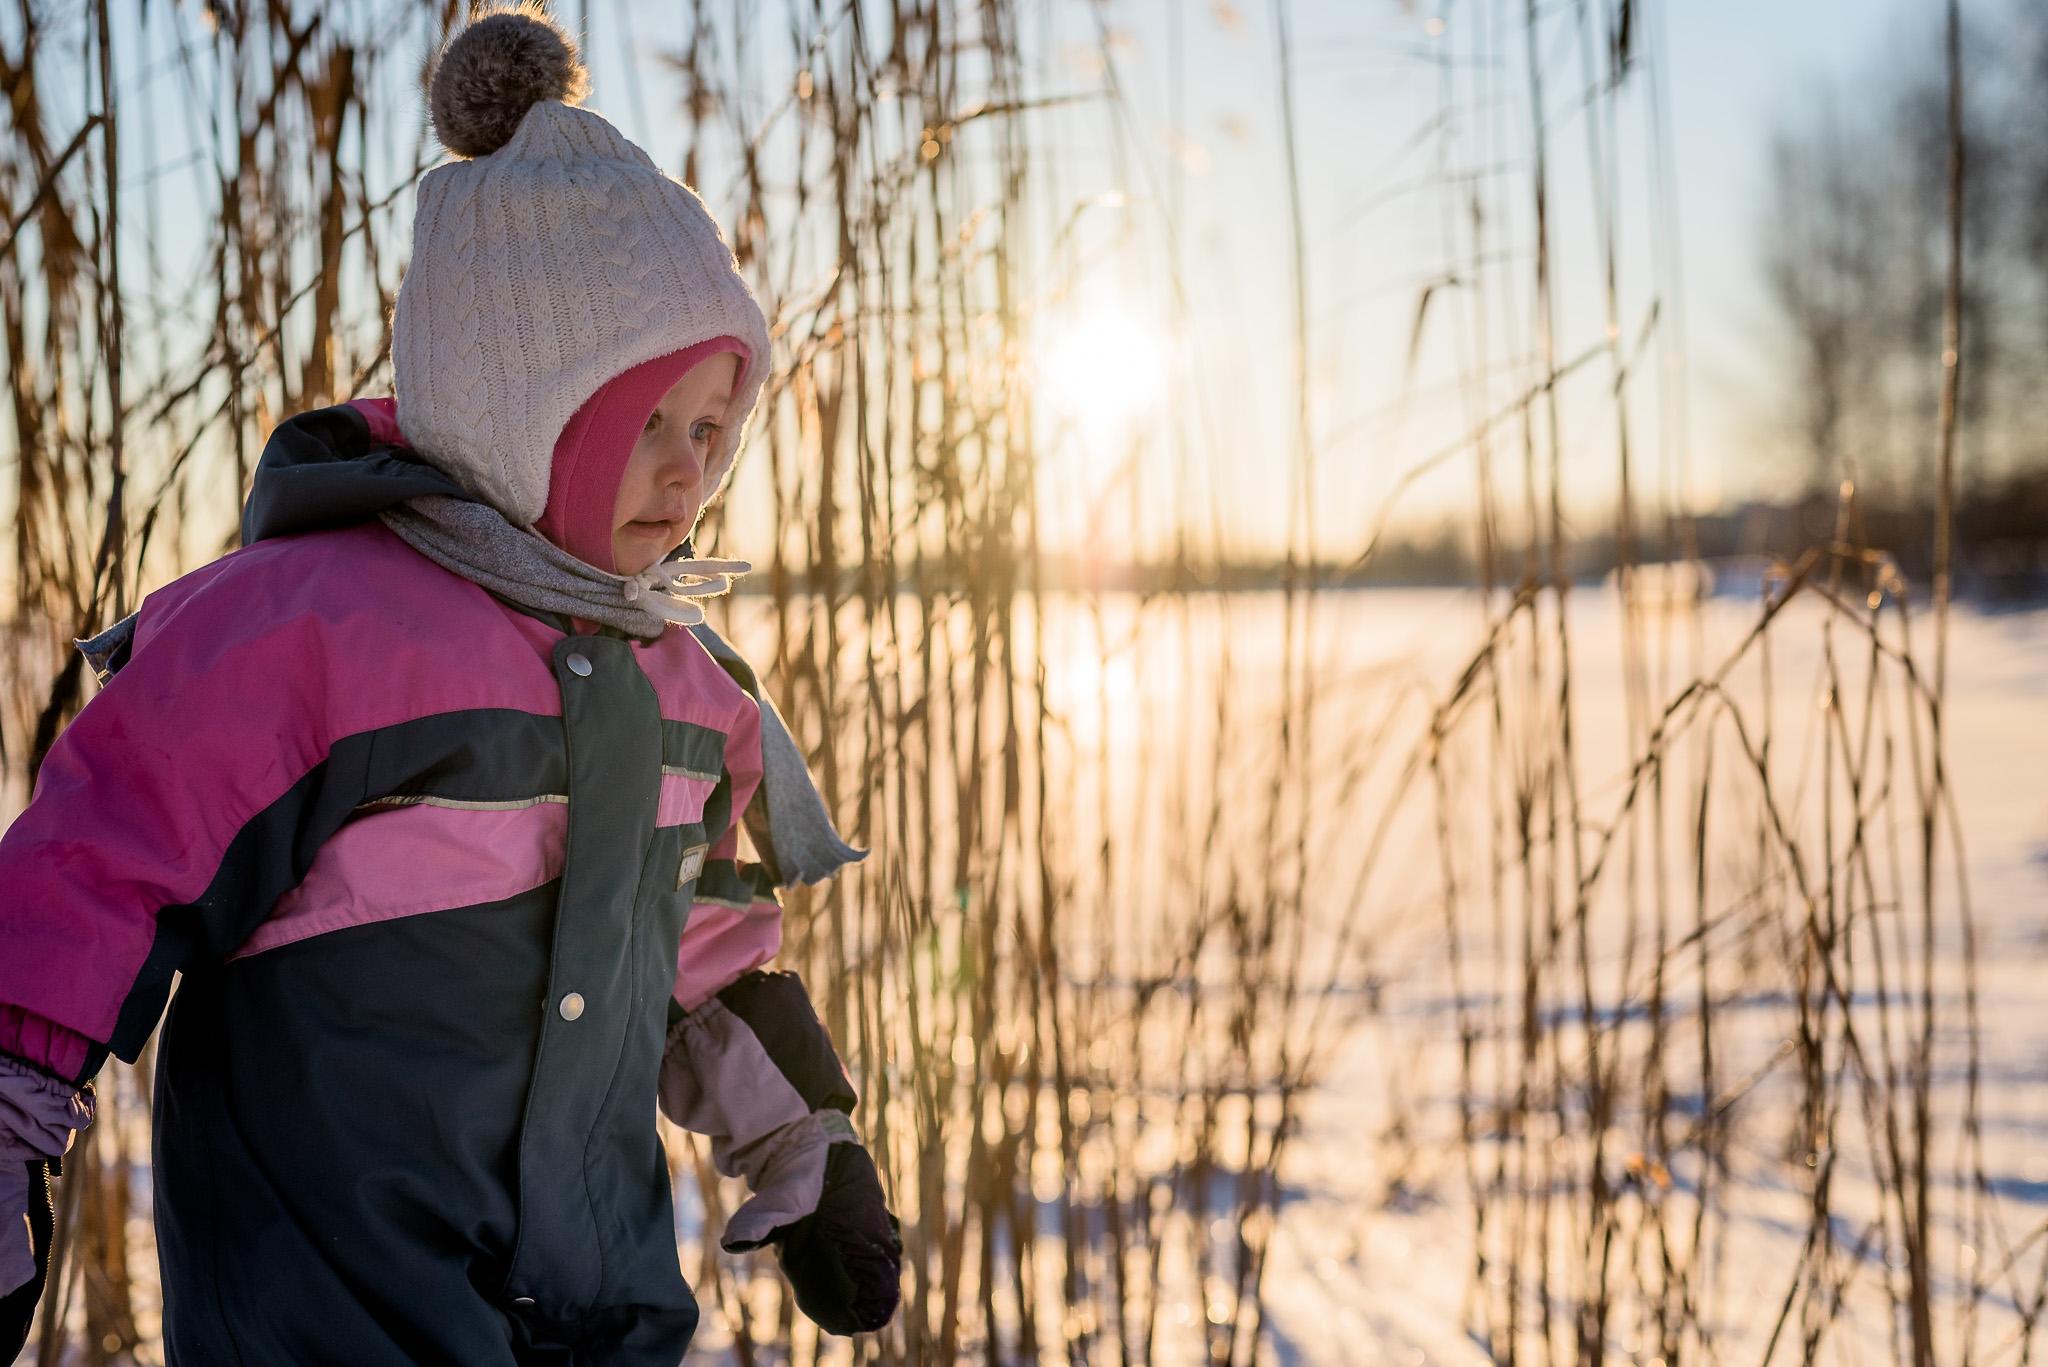 12-06-snow walk-sun-22-Edit_LR edited_FB.jpg